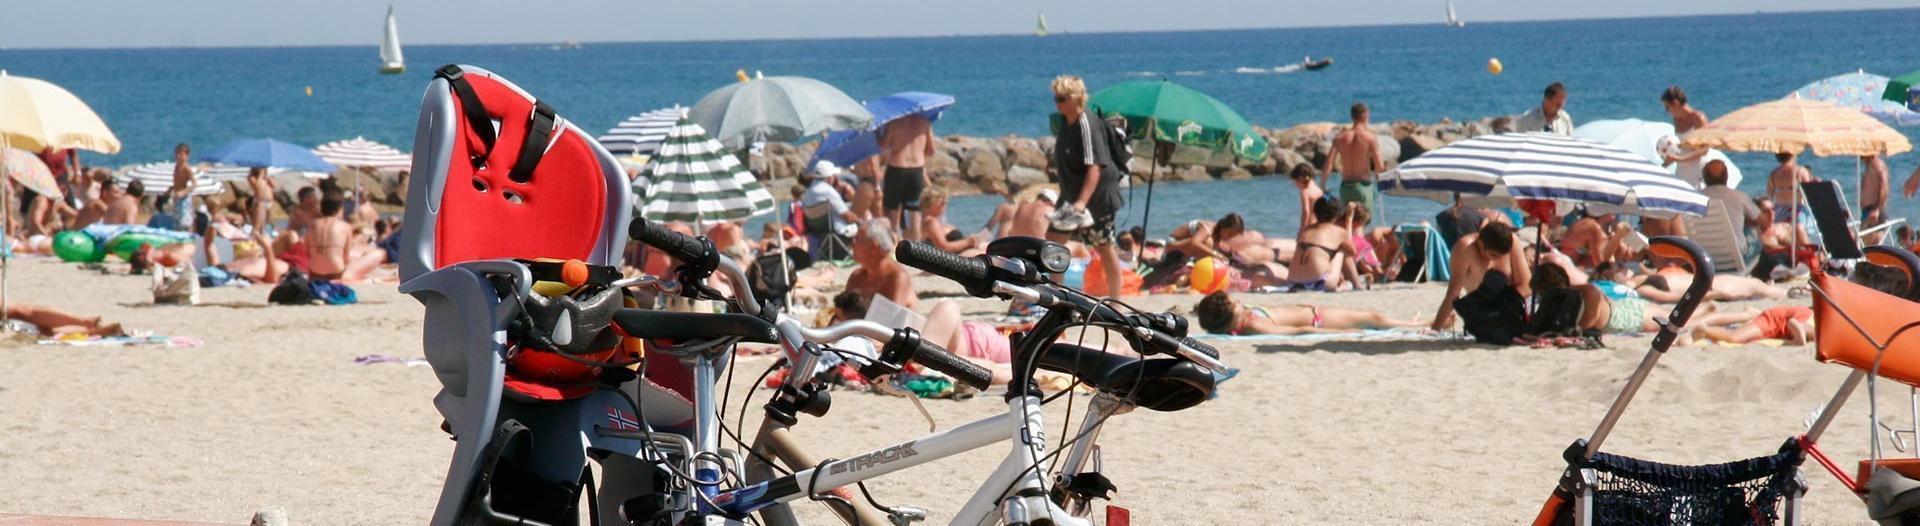 slider-plage-saint-cyprien-cote-mediterranee